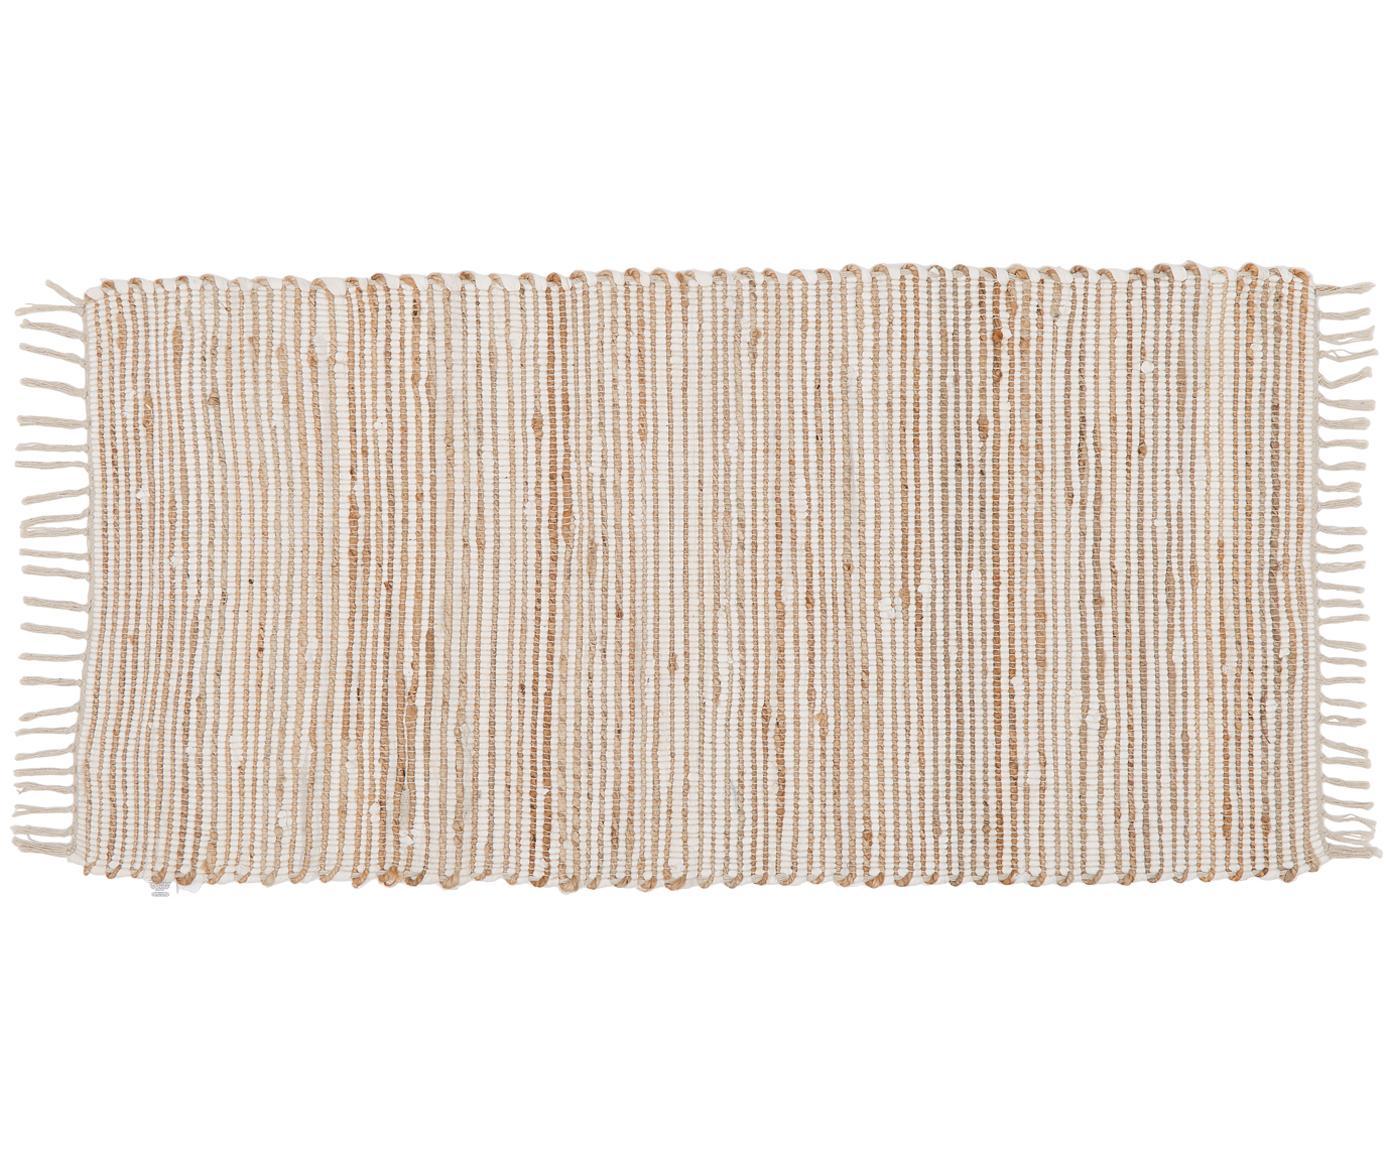 Alfombra de algodón y fibras de cáñamo Arlid, 60%algodón, 40%fibras de cañamo, Crema, beige, An 60 x L 120 cm (Tamaño XS)